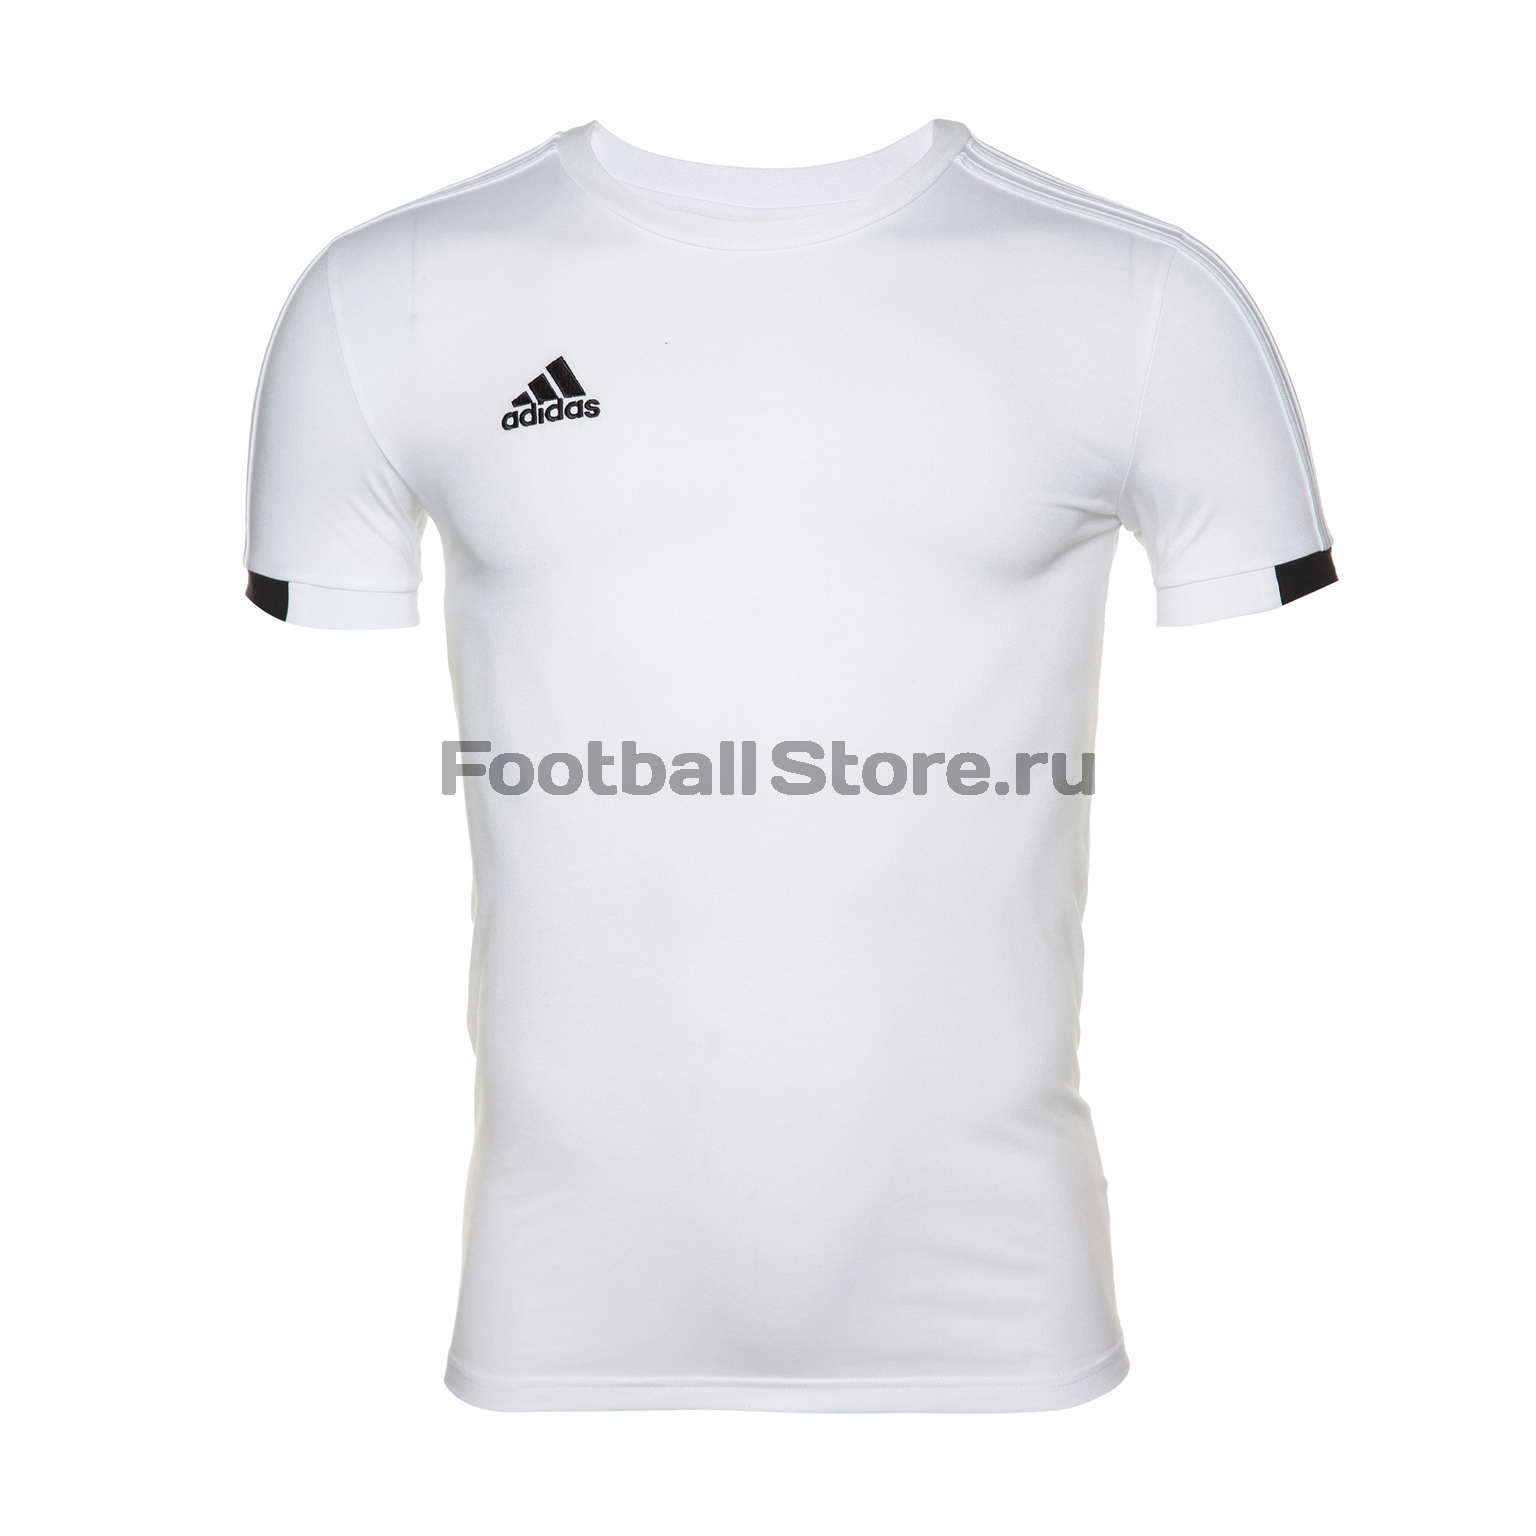 Футболка тренировочная Adidas Con18 Tee CF4367 футболка adidas футболка stu clima tee